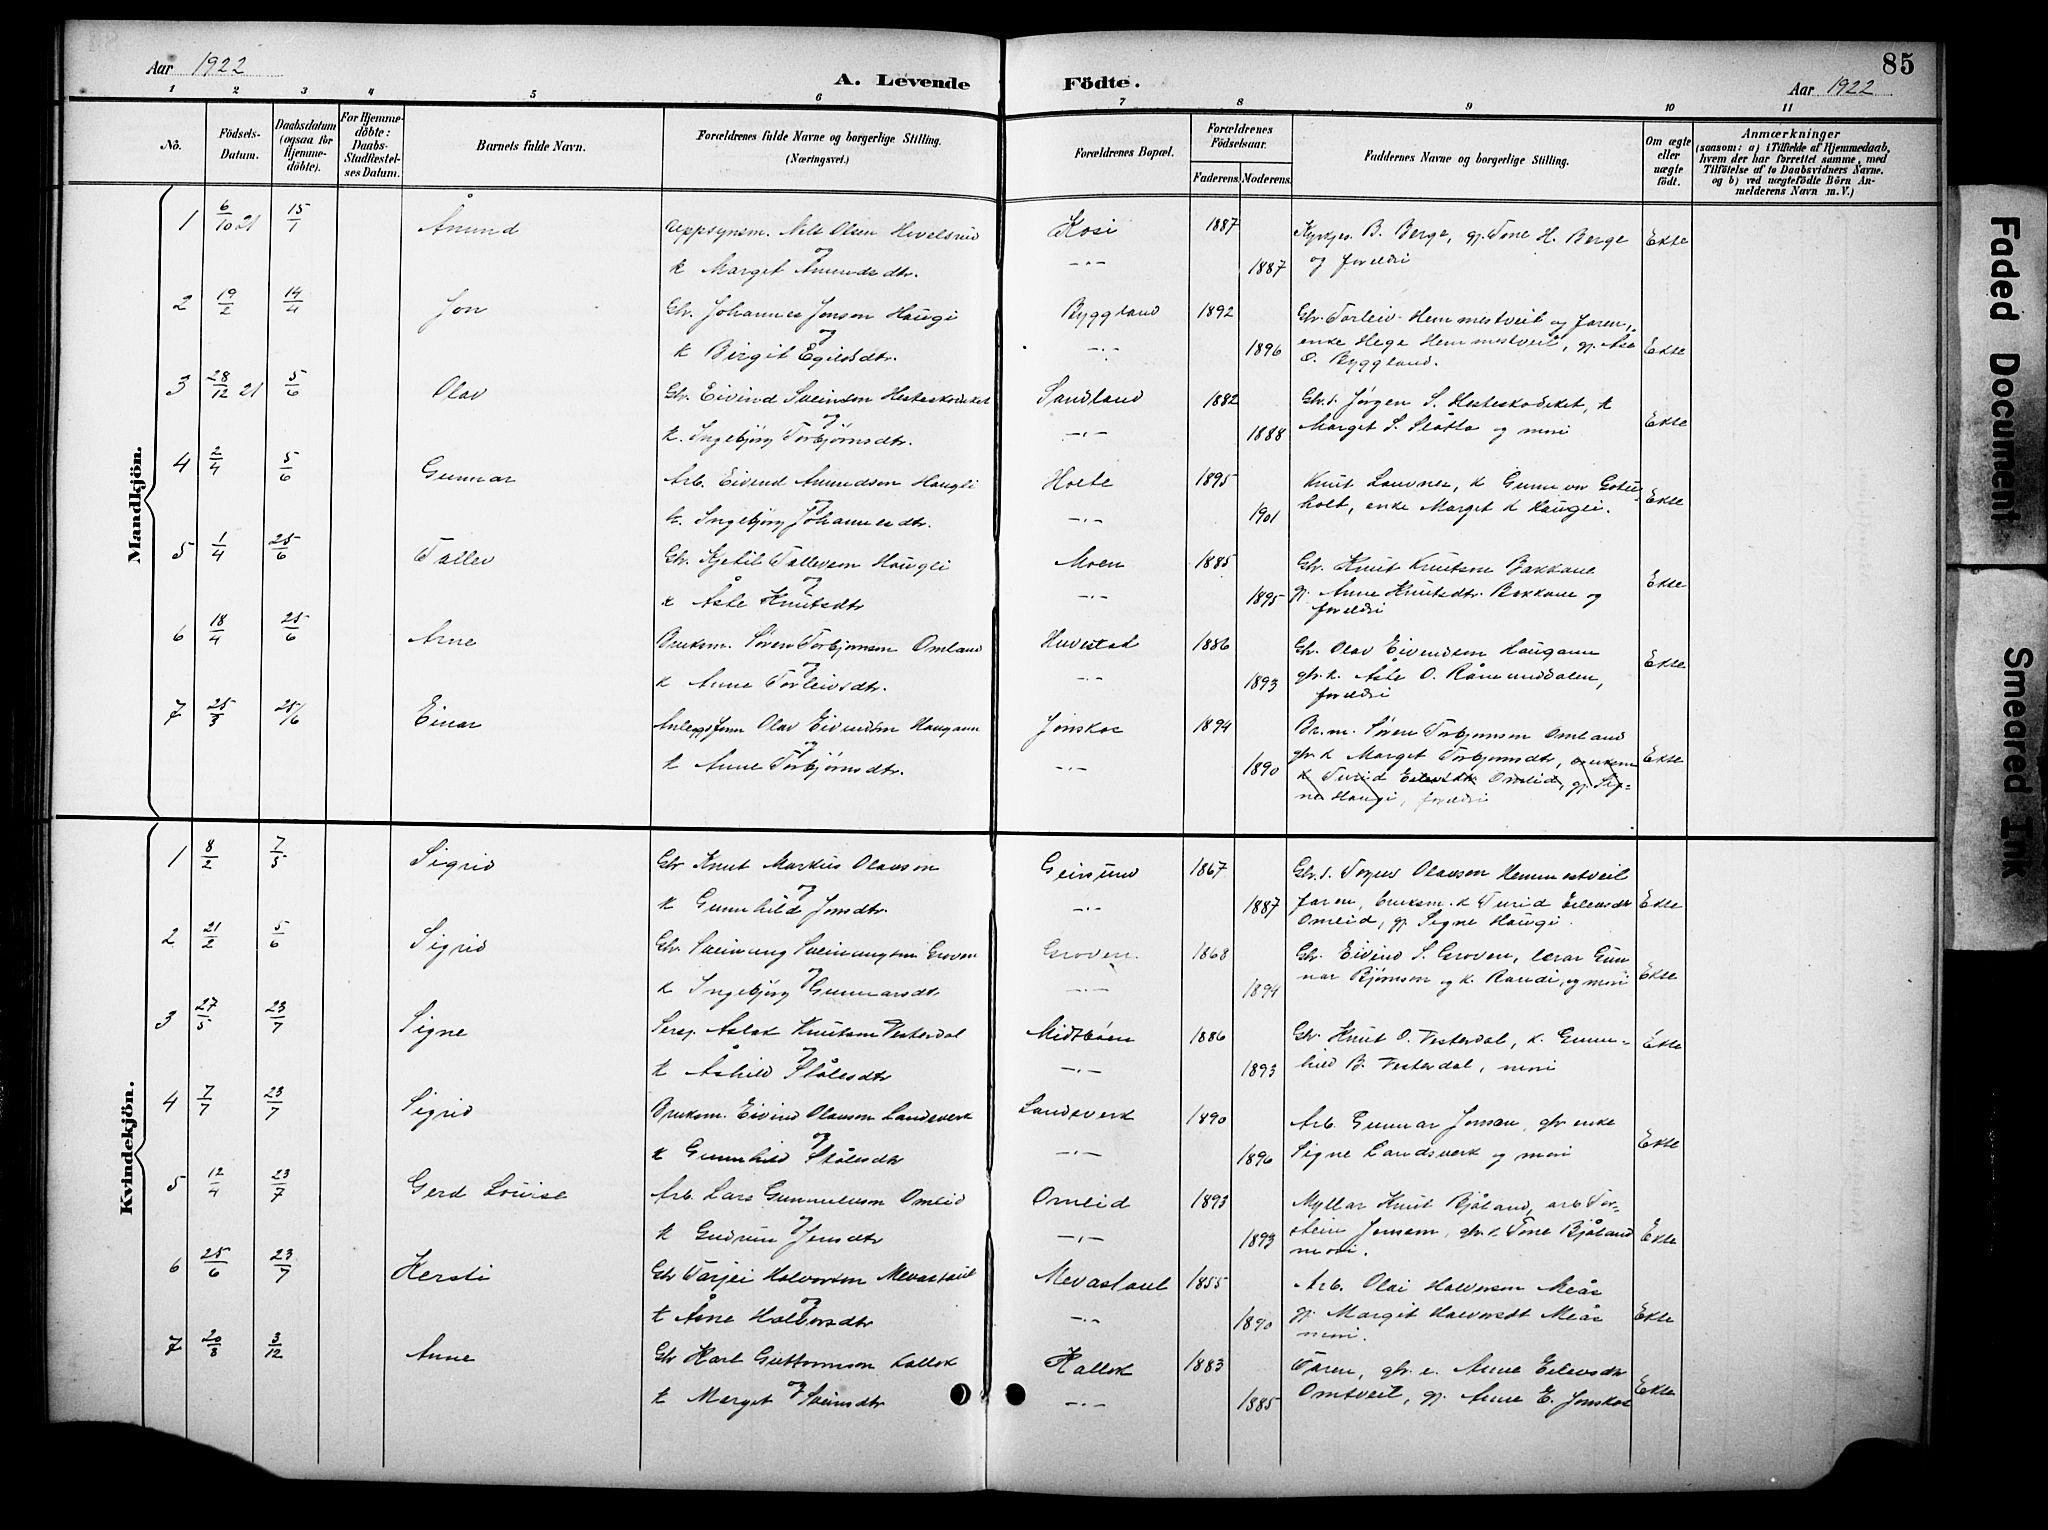 SAKO, Kviteseid kirkebøker, G/Gb/L0003: Klokkerbok nr. II 3, 1893-1933, s. 85